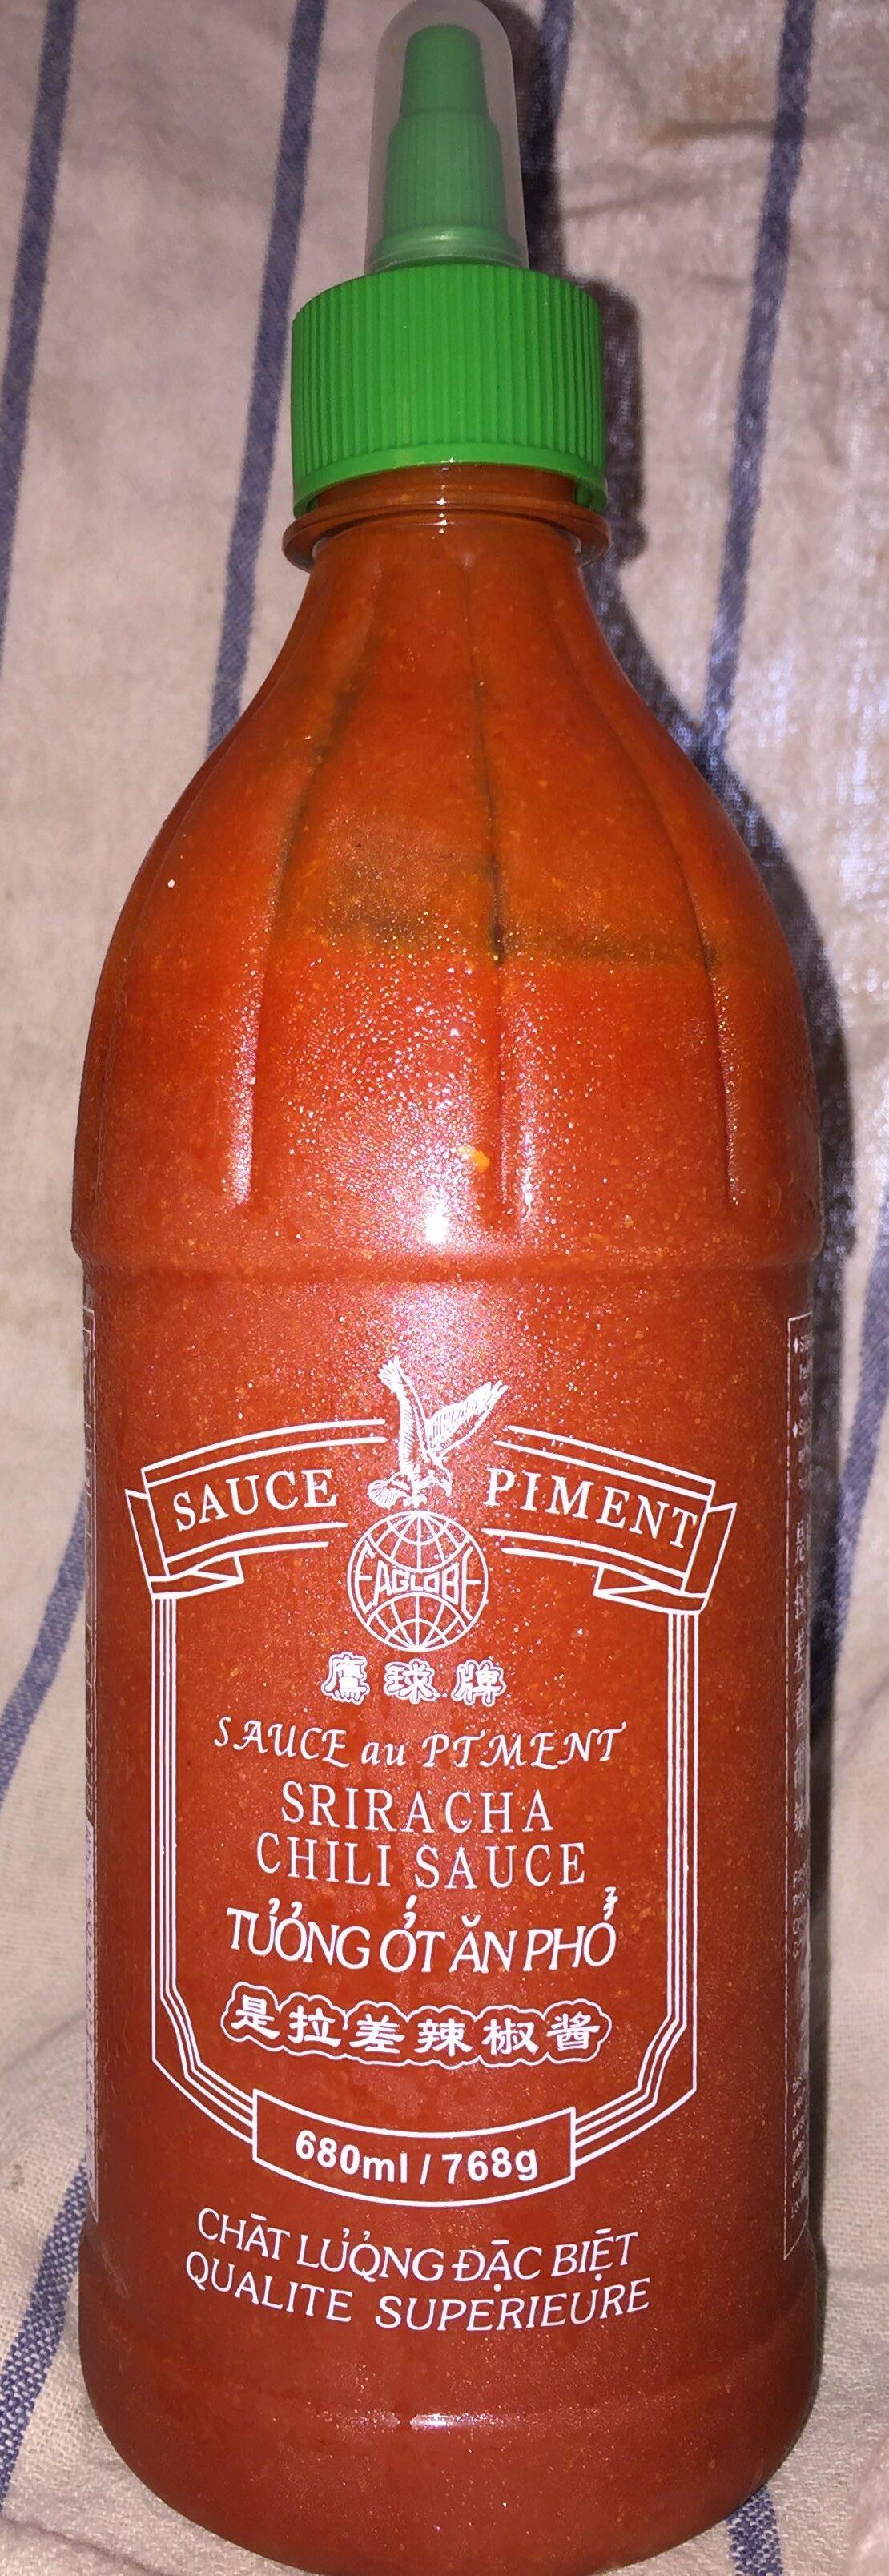 Sauce Piment - Product